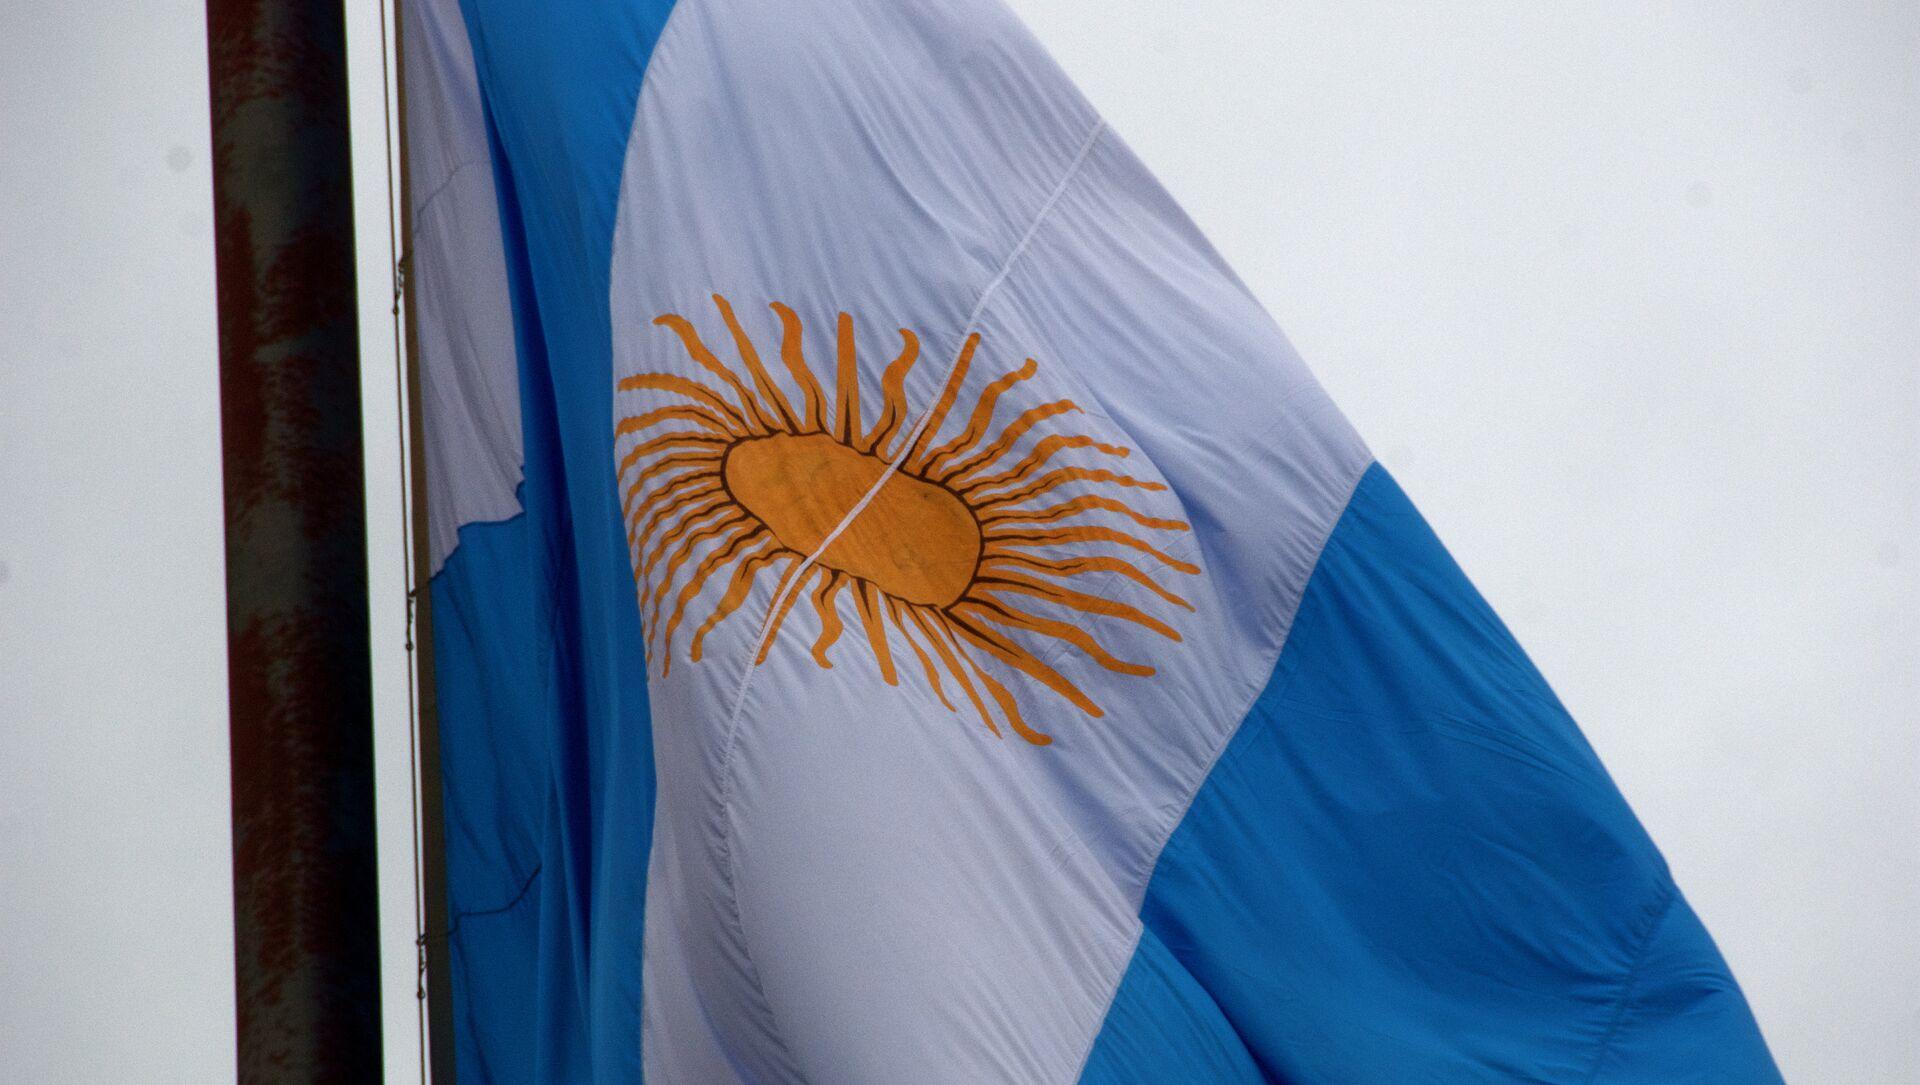 Flaga Argentyny - Sputnik Polska, 1920, 06.04.2021